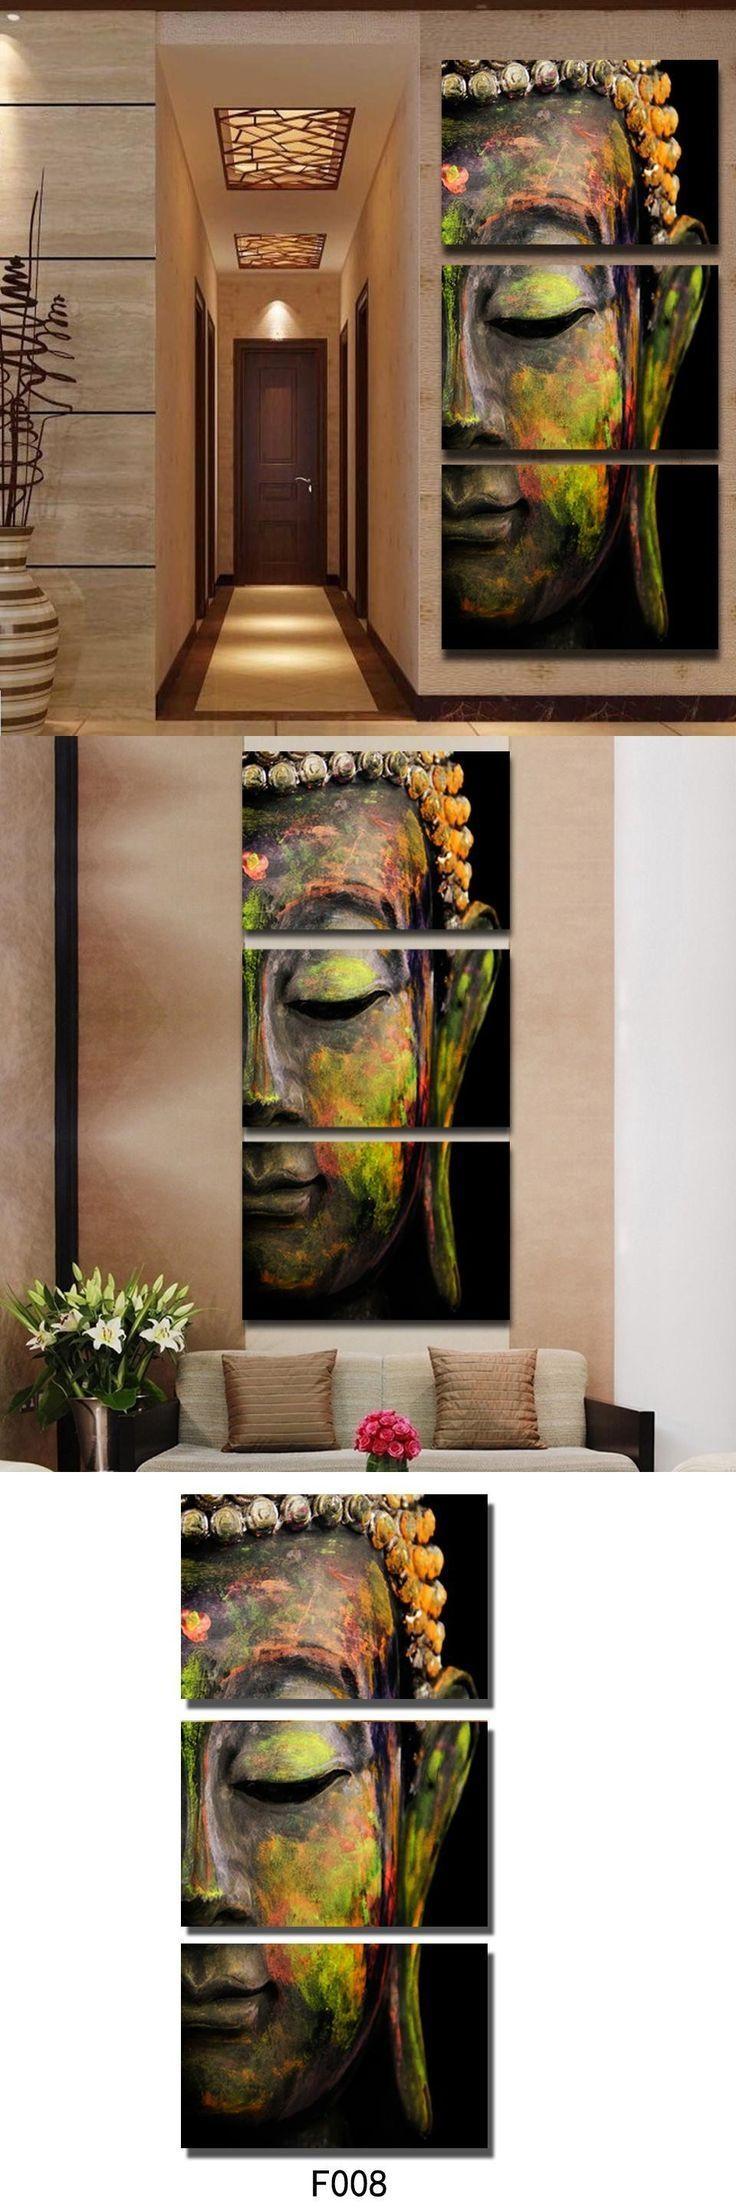 Best 25+ Buddha Wall Art Ideas On Pinterest | Buddha Art, Buddha For Large Buddha Wall Art (View 10 of 20)